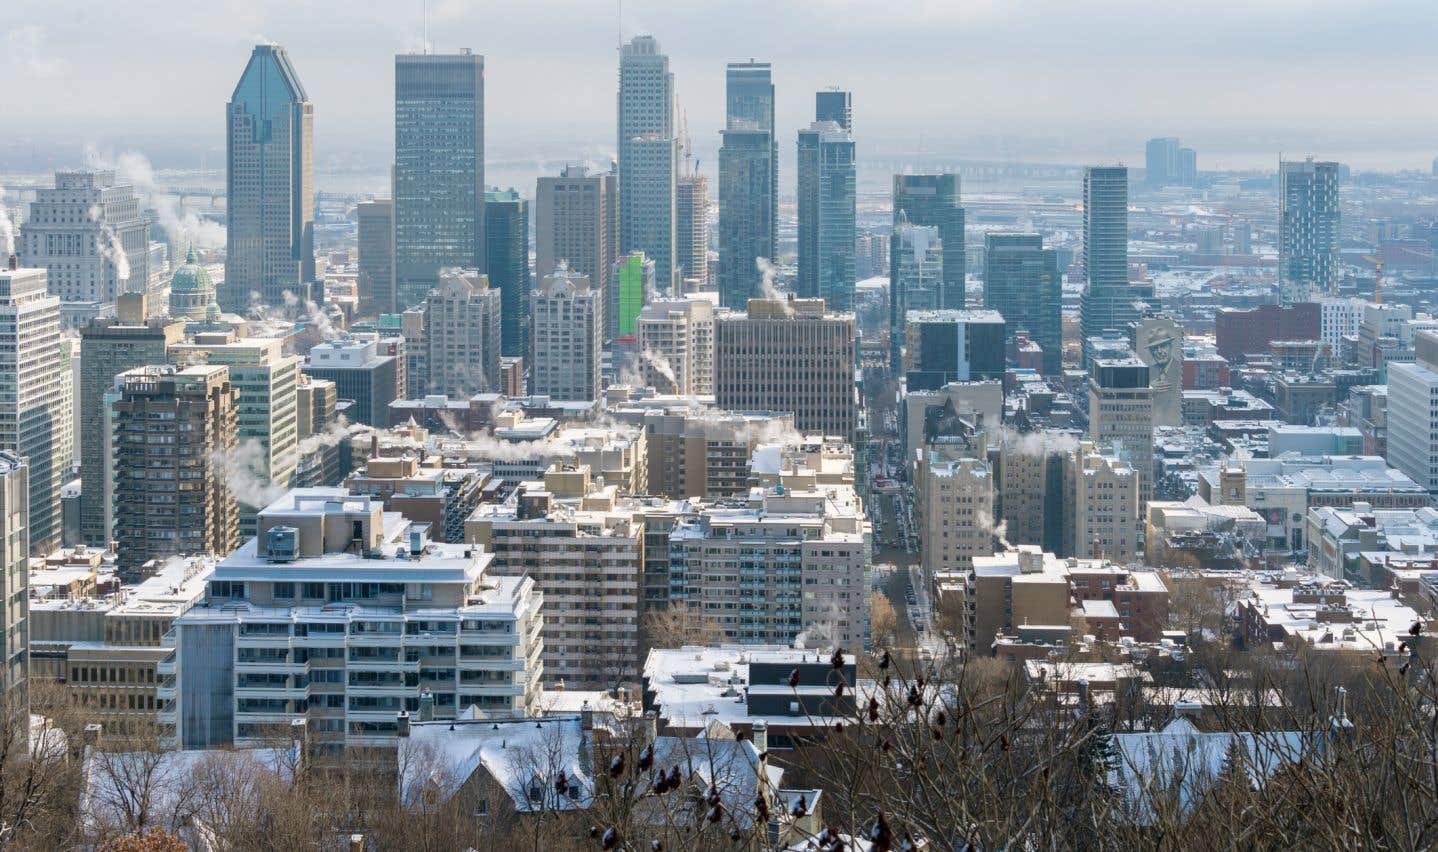 Les six grands secteurs de l'agglomération montréalaise ont enregistré une hausse du nombre de transactions en janvier.